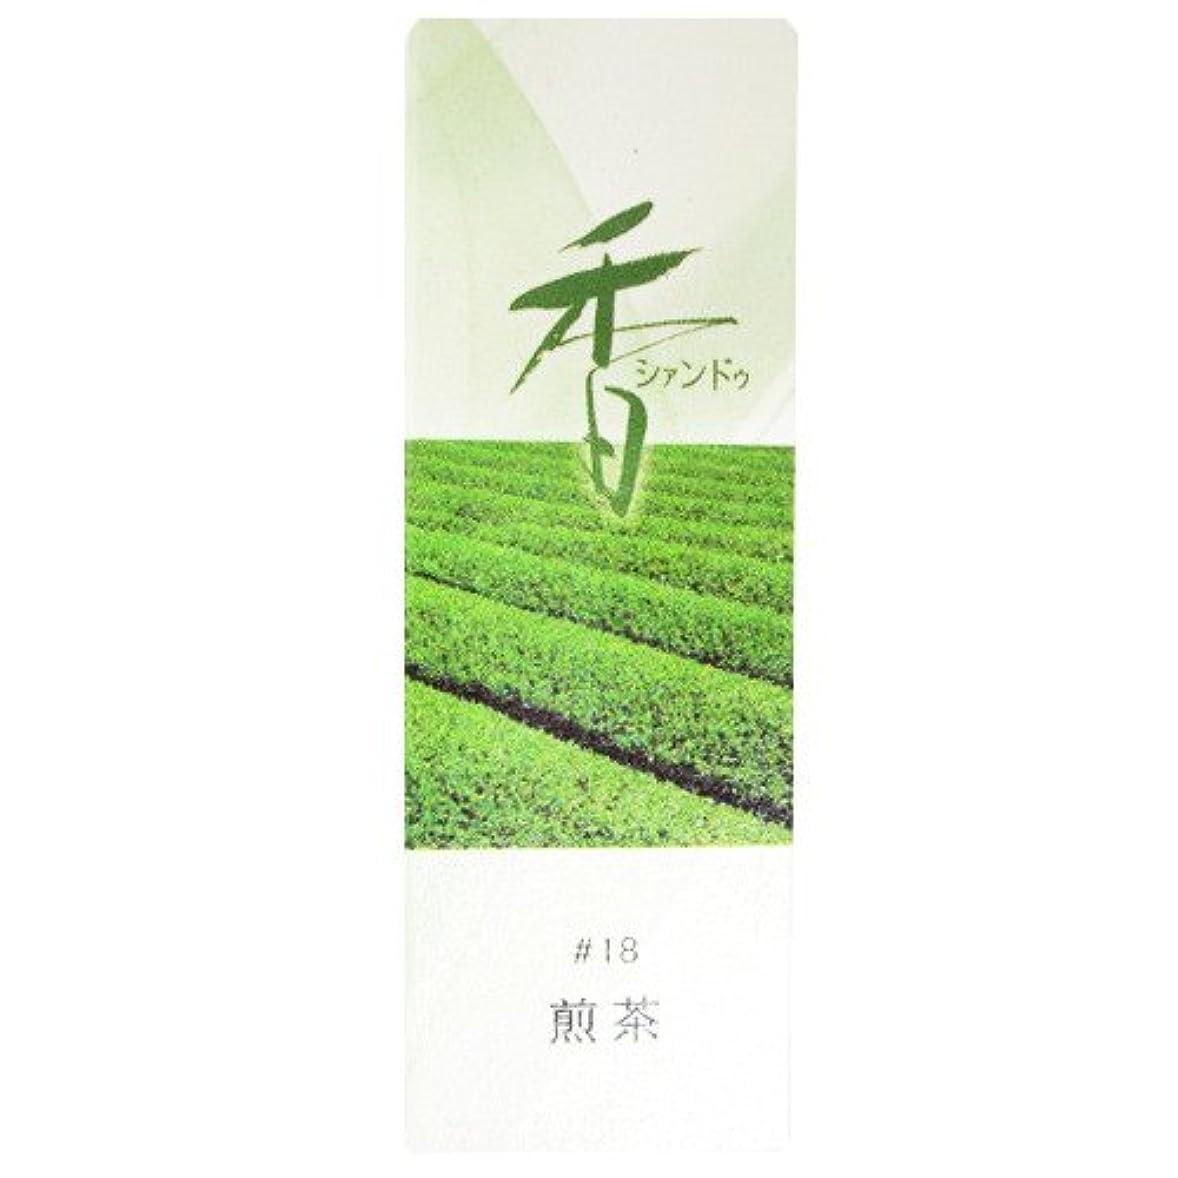 推進、動かす義務づけるたくさん松栄堂のお香 Xiang Do(シャンドゥ) 煎茶 ST20本入 簡易香立付 #214218